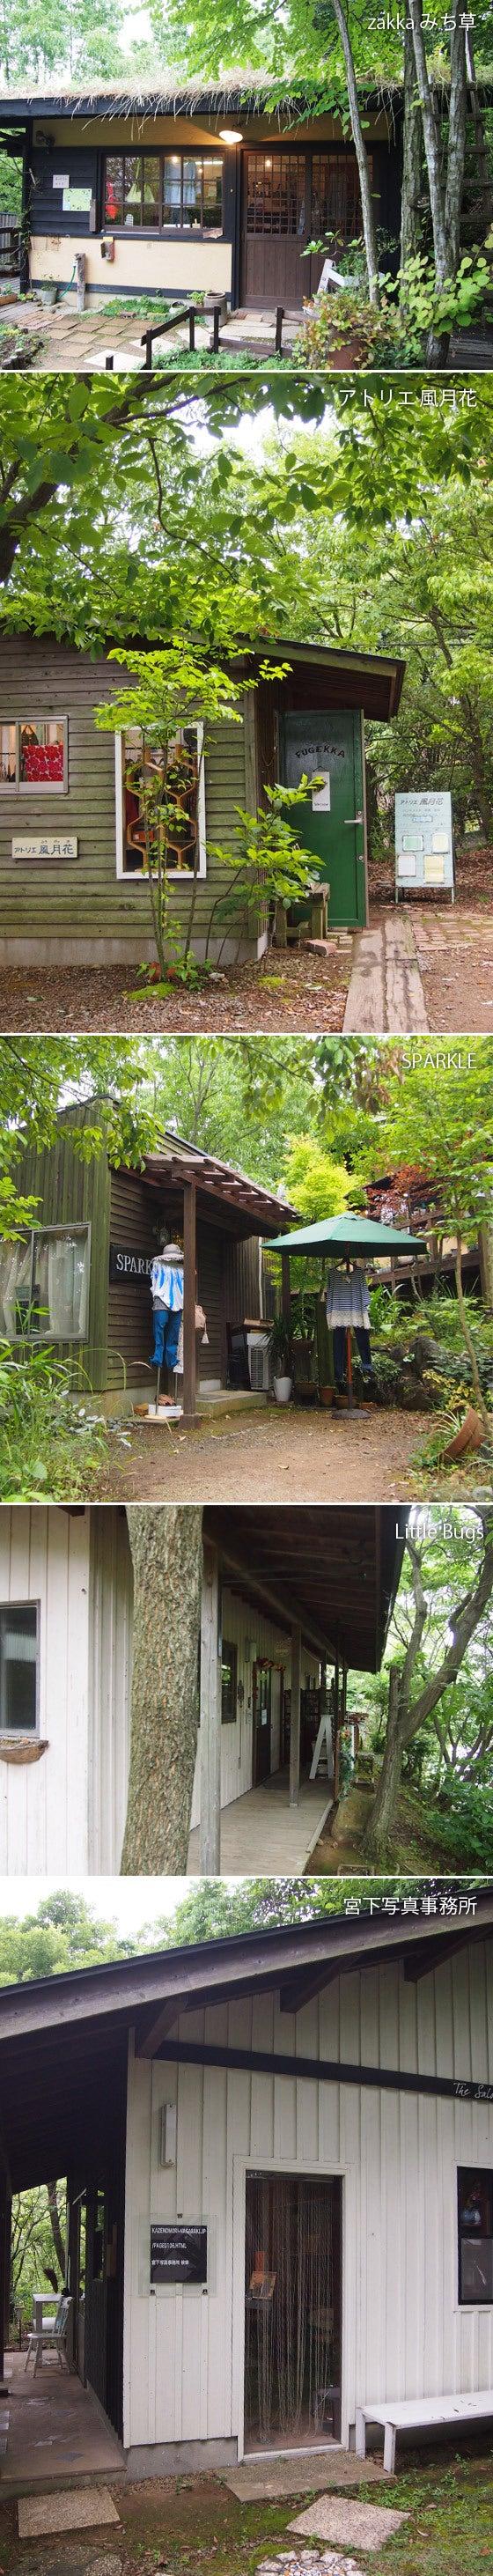 風の森 (長崎県諫早市) By株式会社浜松建設